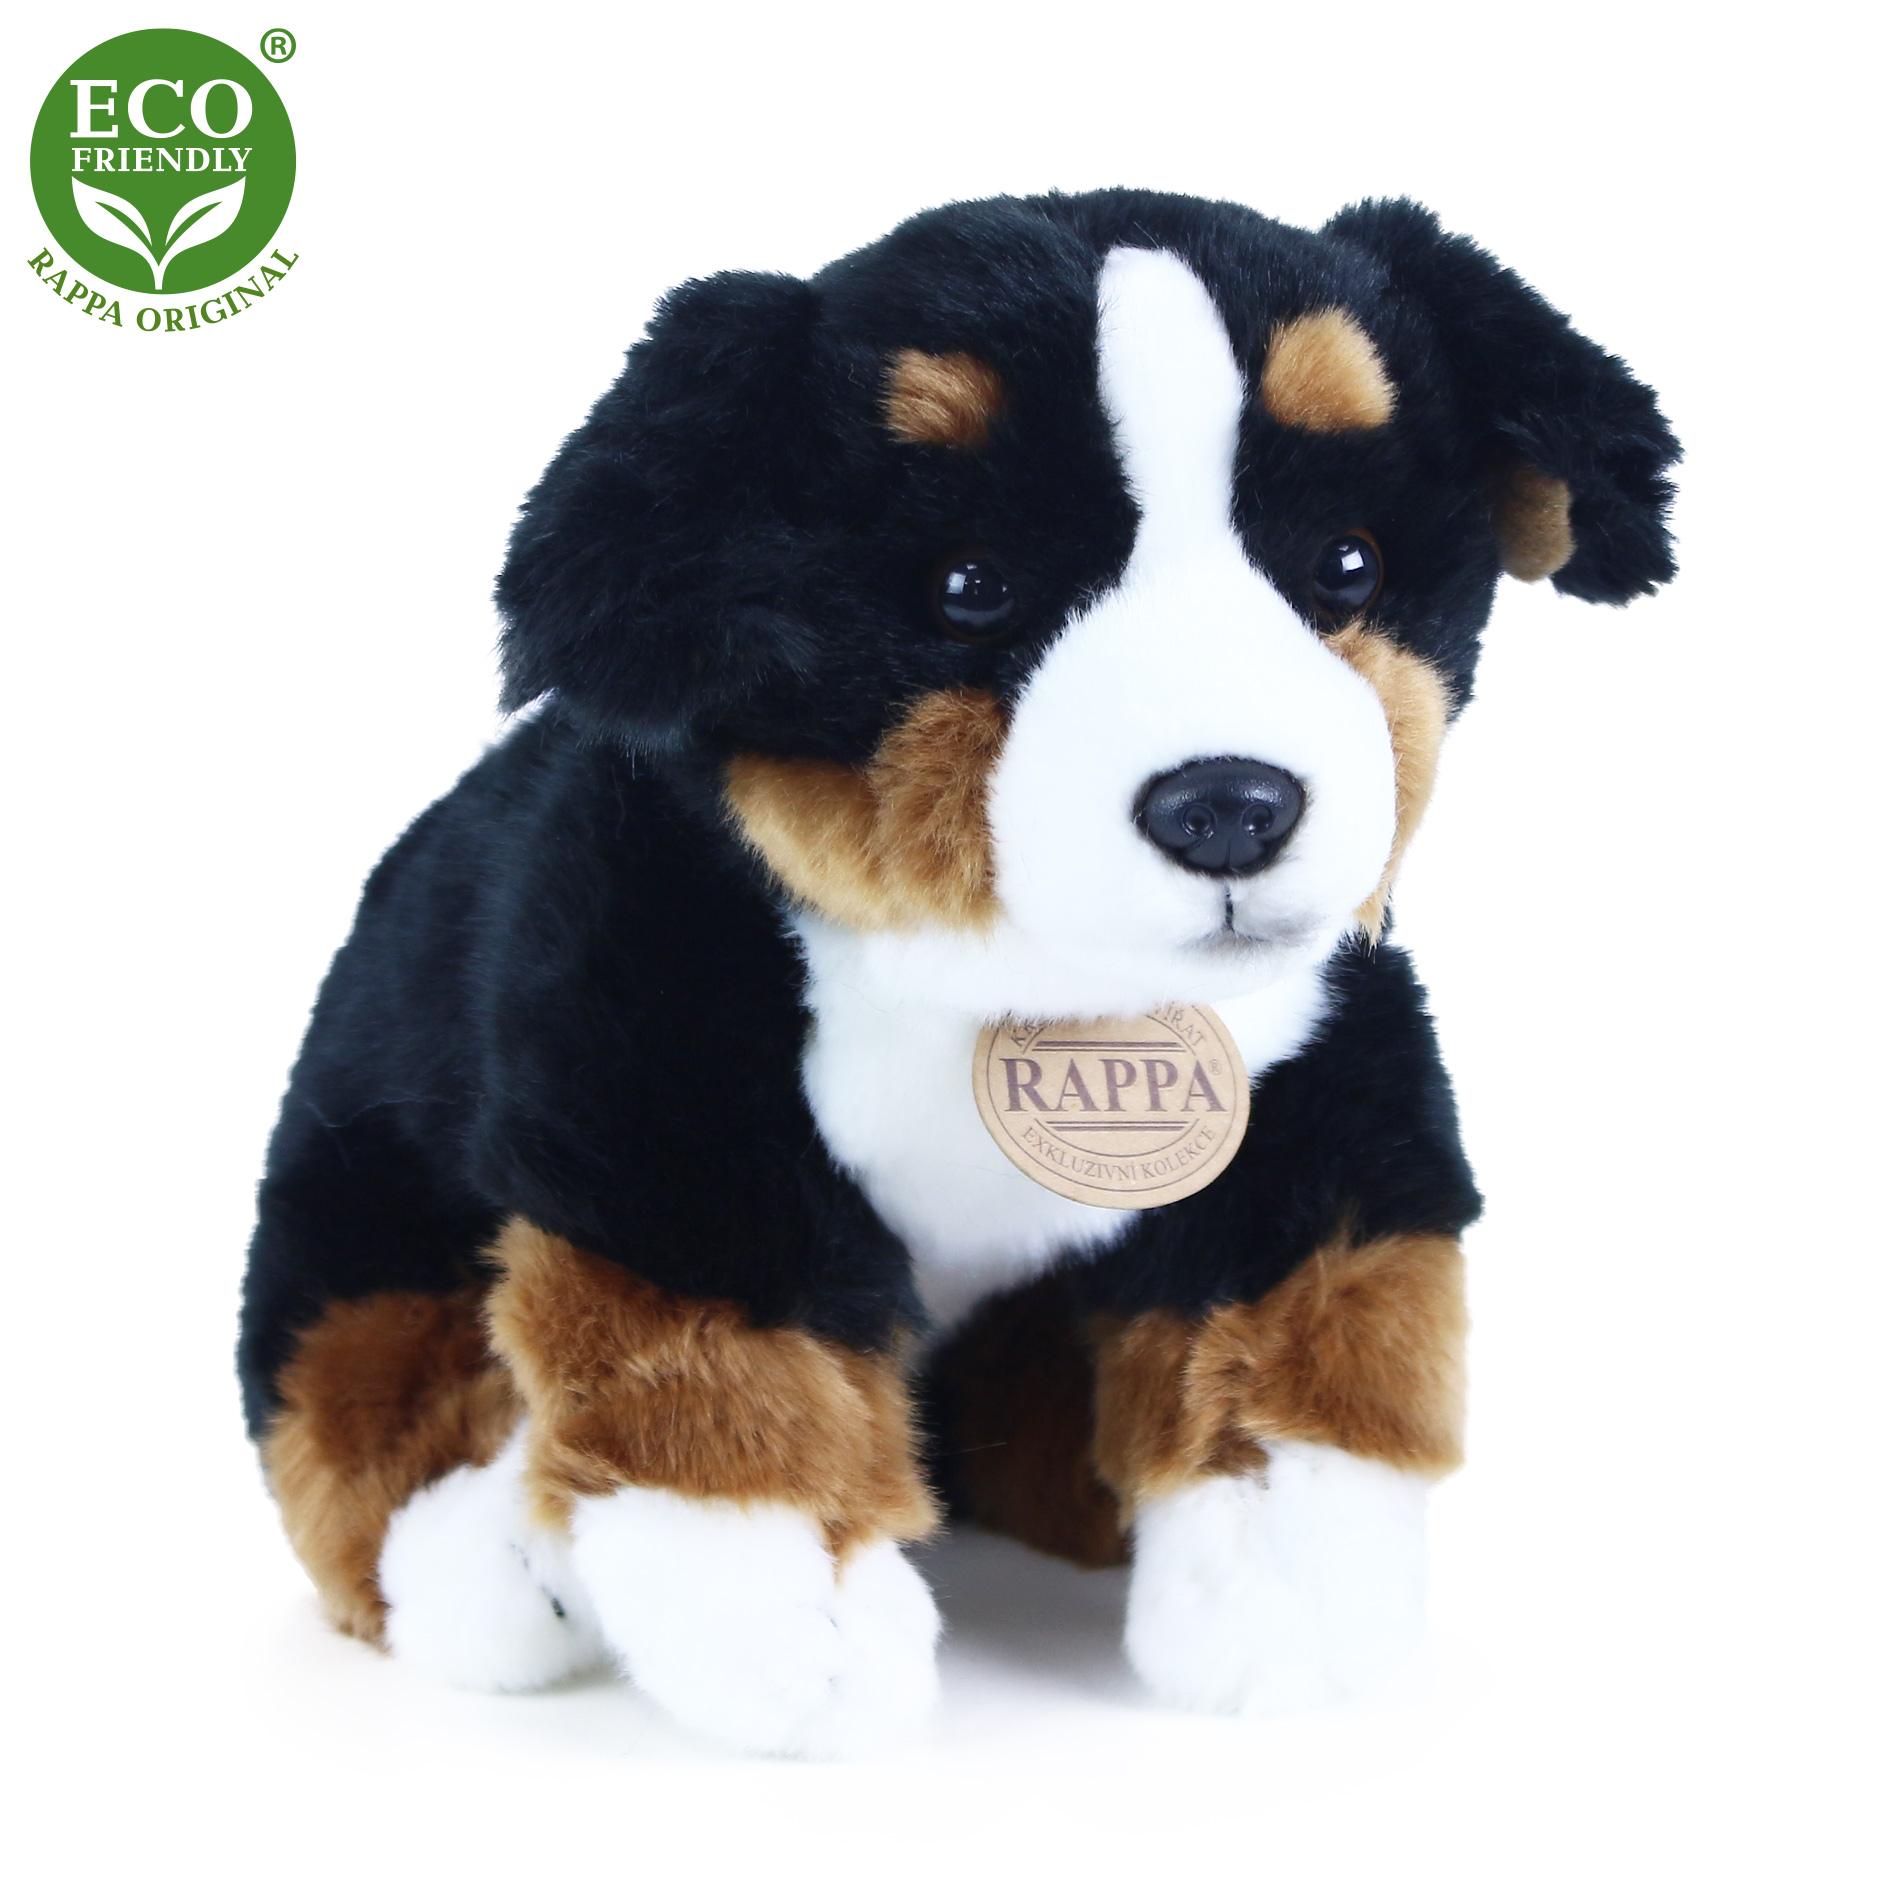 Plyšový bernský salašnický pes sedící 25 cm ECO-FR